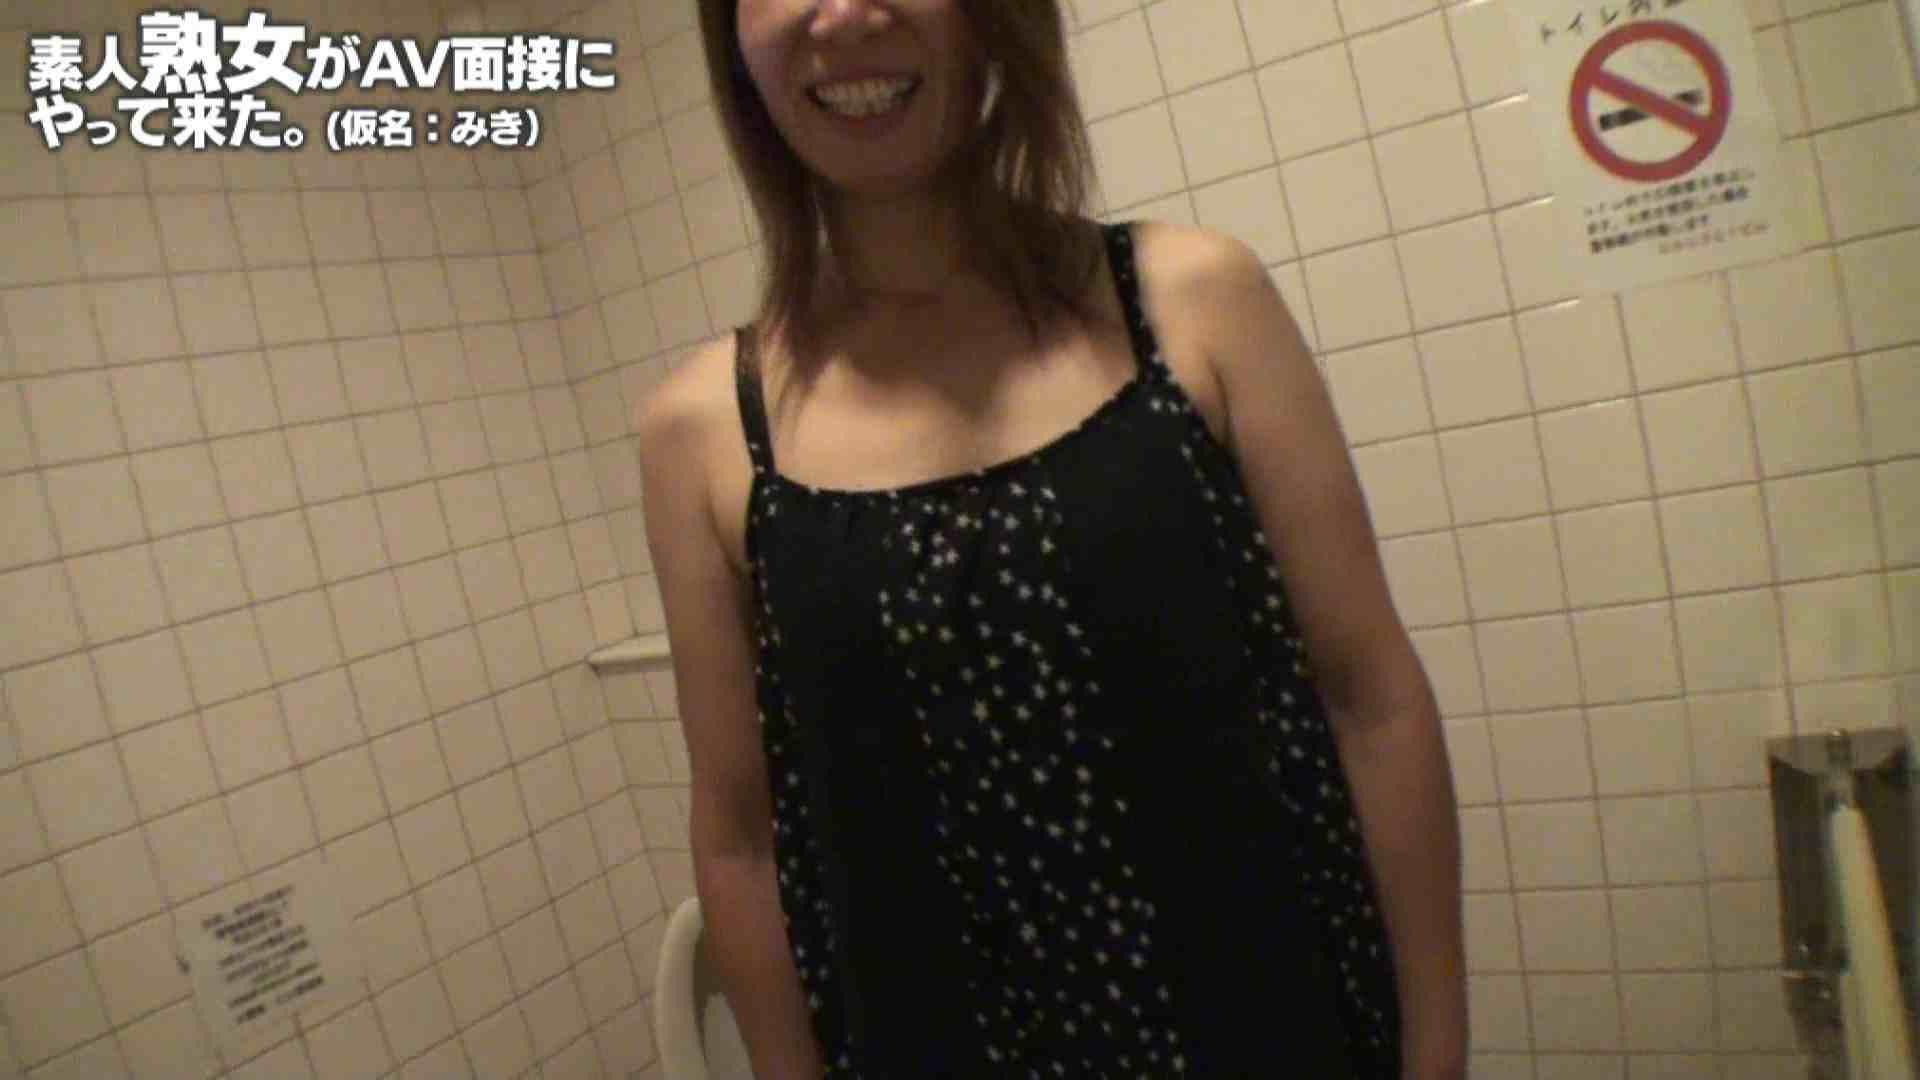 素人熟女がAV面接にやってきた (熟女)みきさんVOL.03 洗面所 われめAV動画紹介 73PIX 8